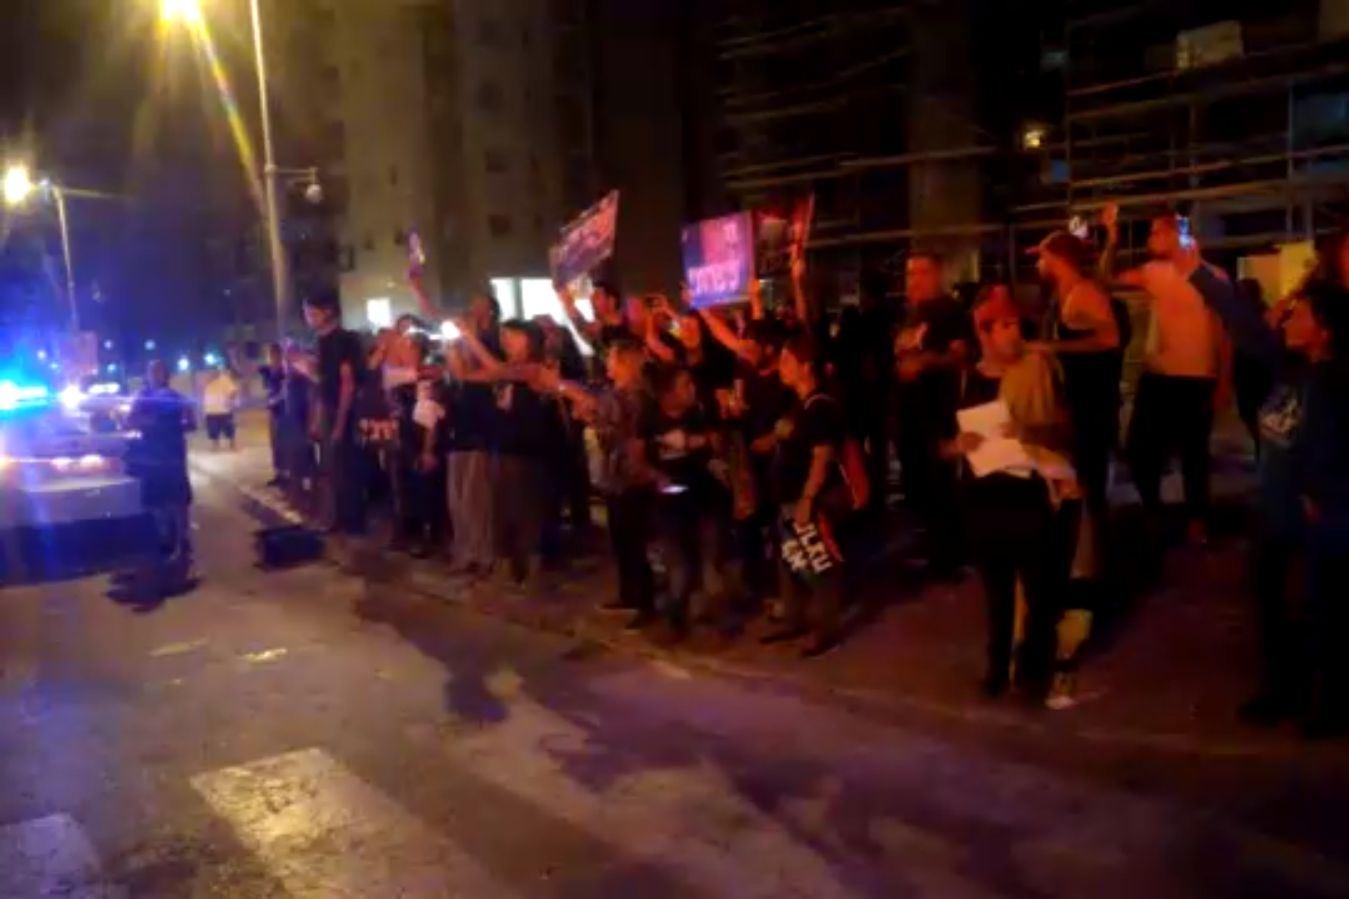 ששה נפצעו בהפגנה נגד מנהג הכפרות • תיעוד